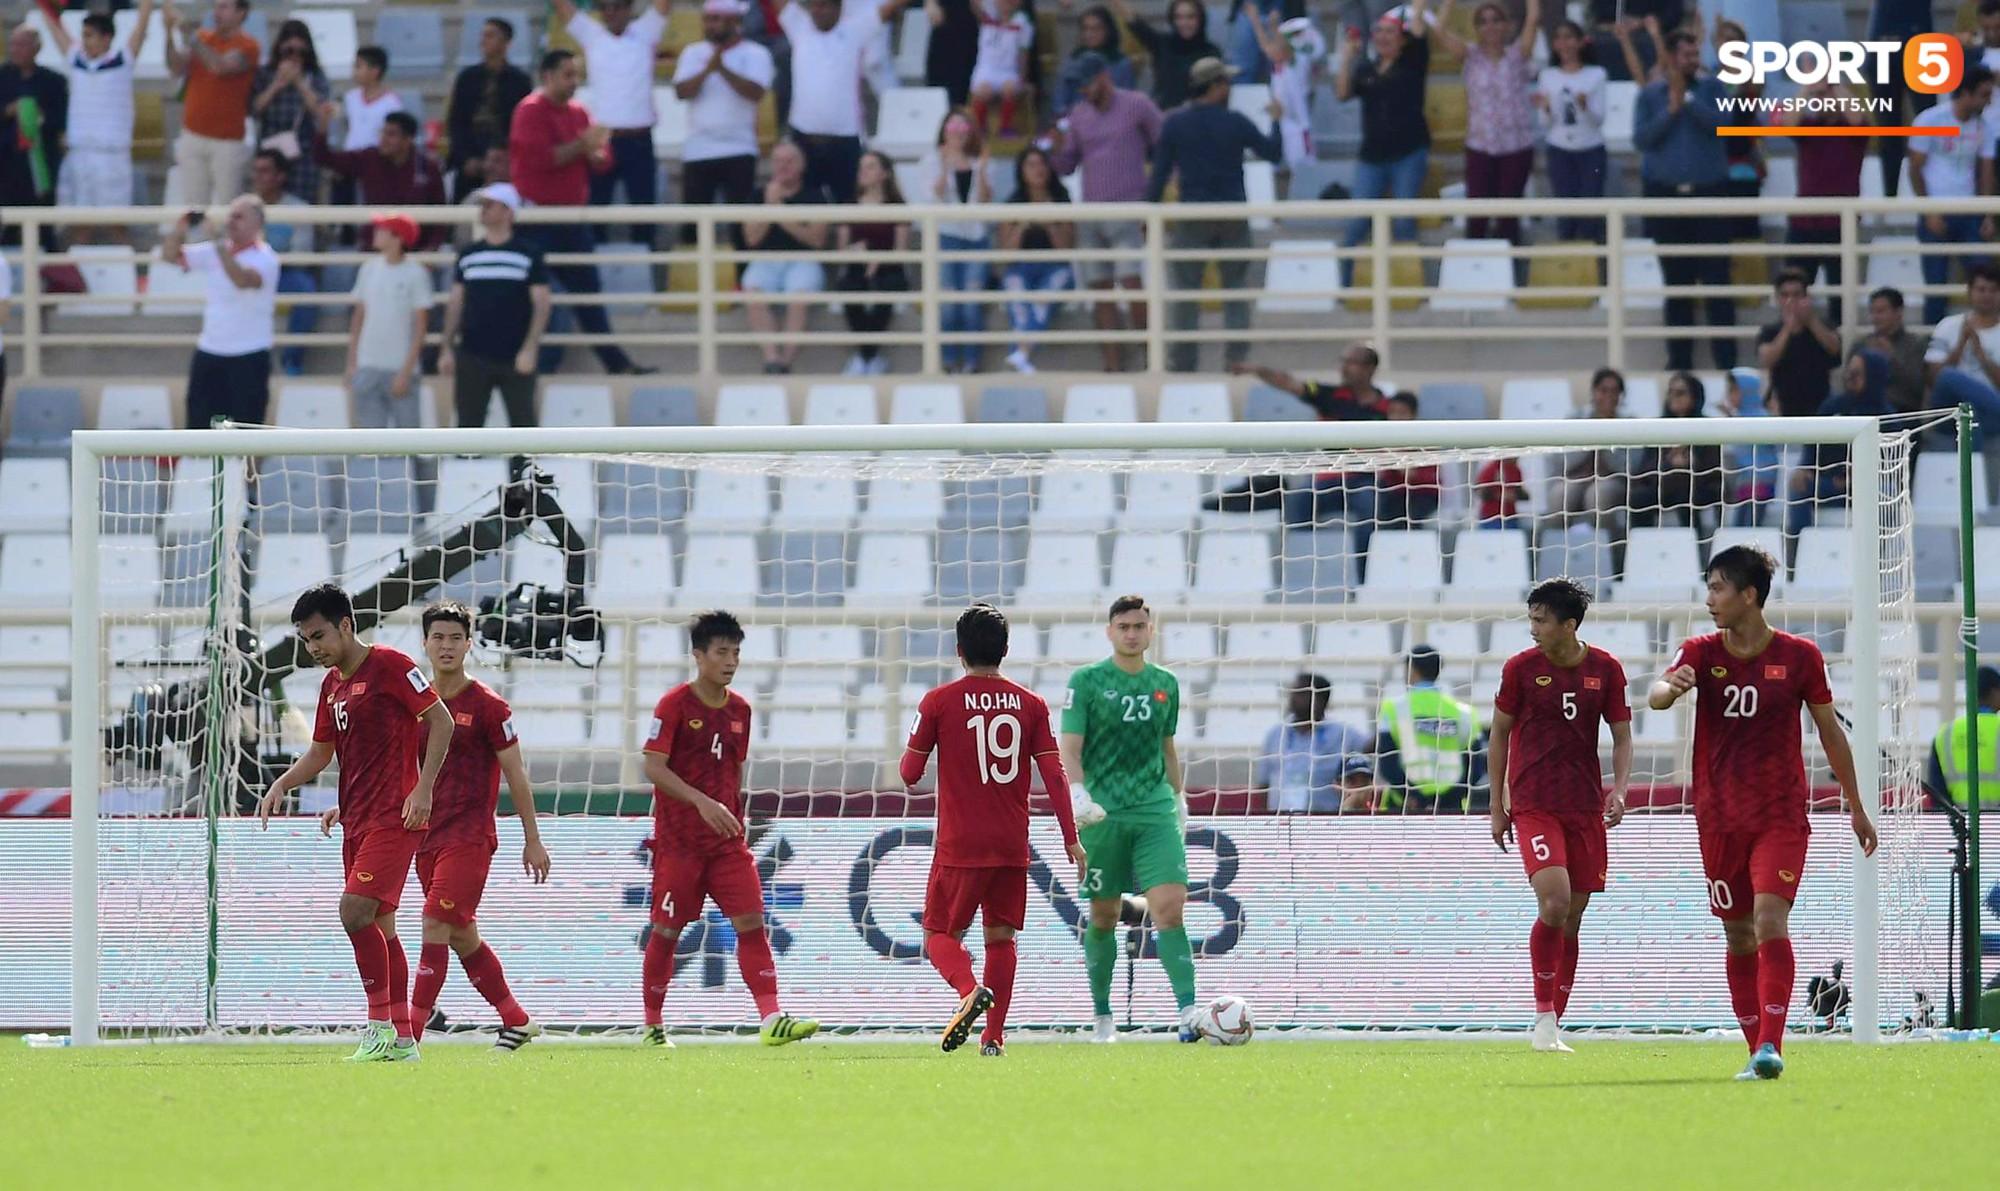 Quang Hải hét lớn, hô hào đồng đội đứng dậy sau bàn thua-4